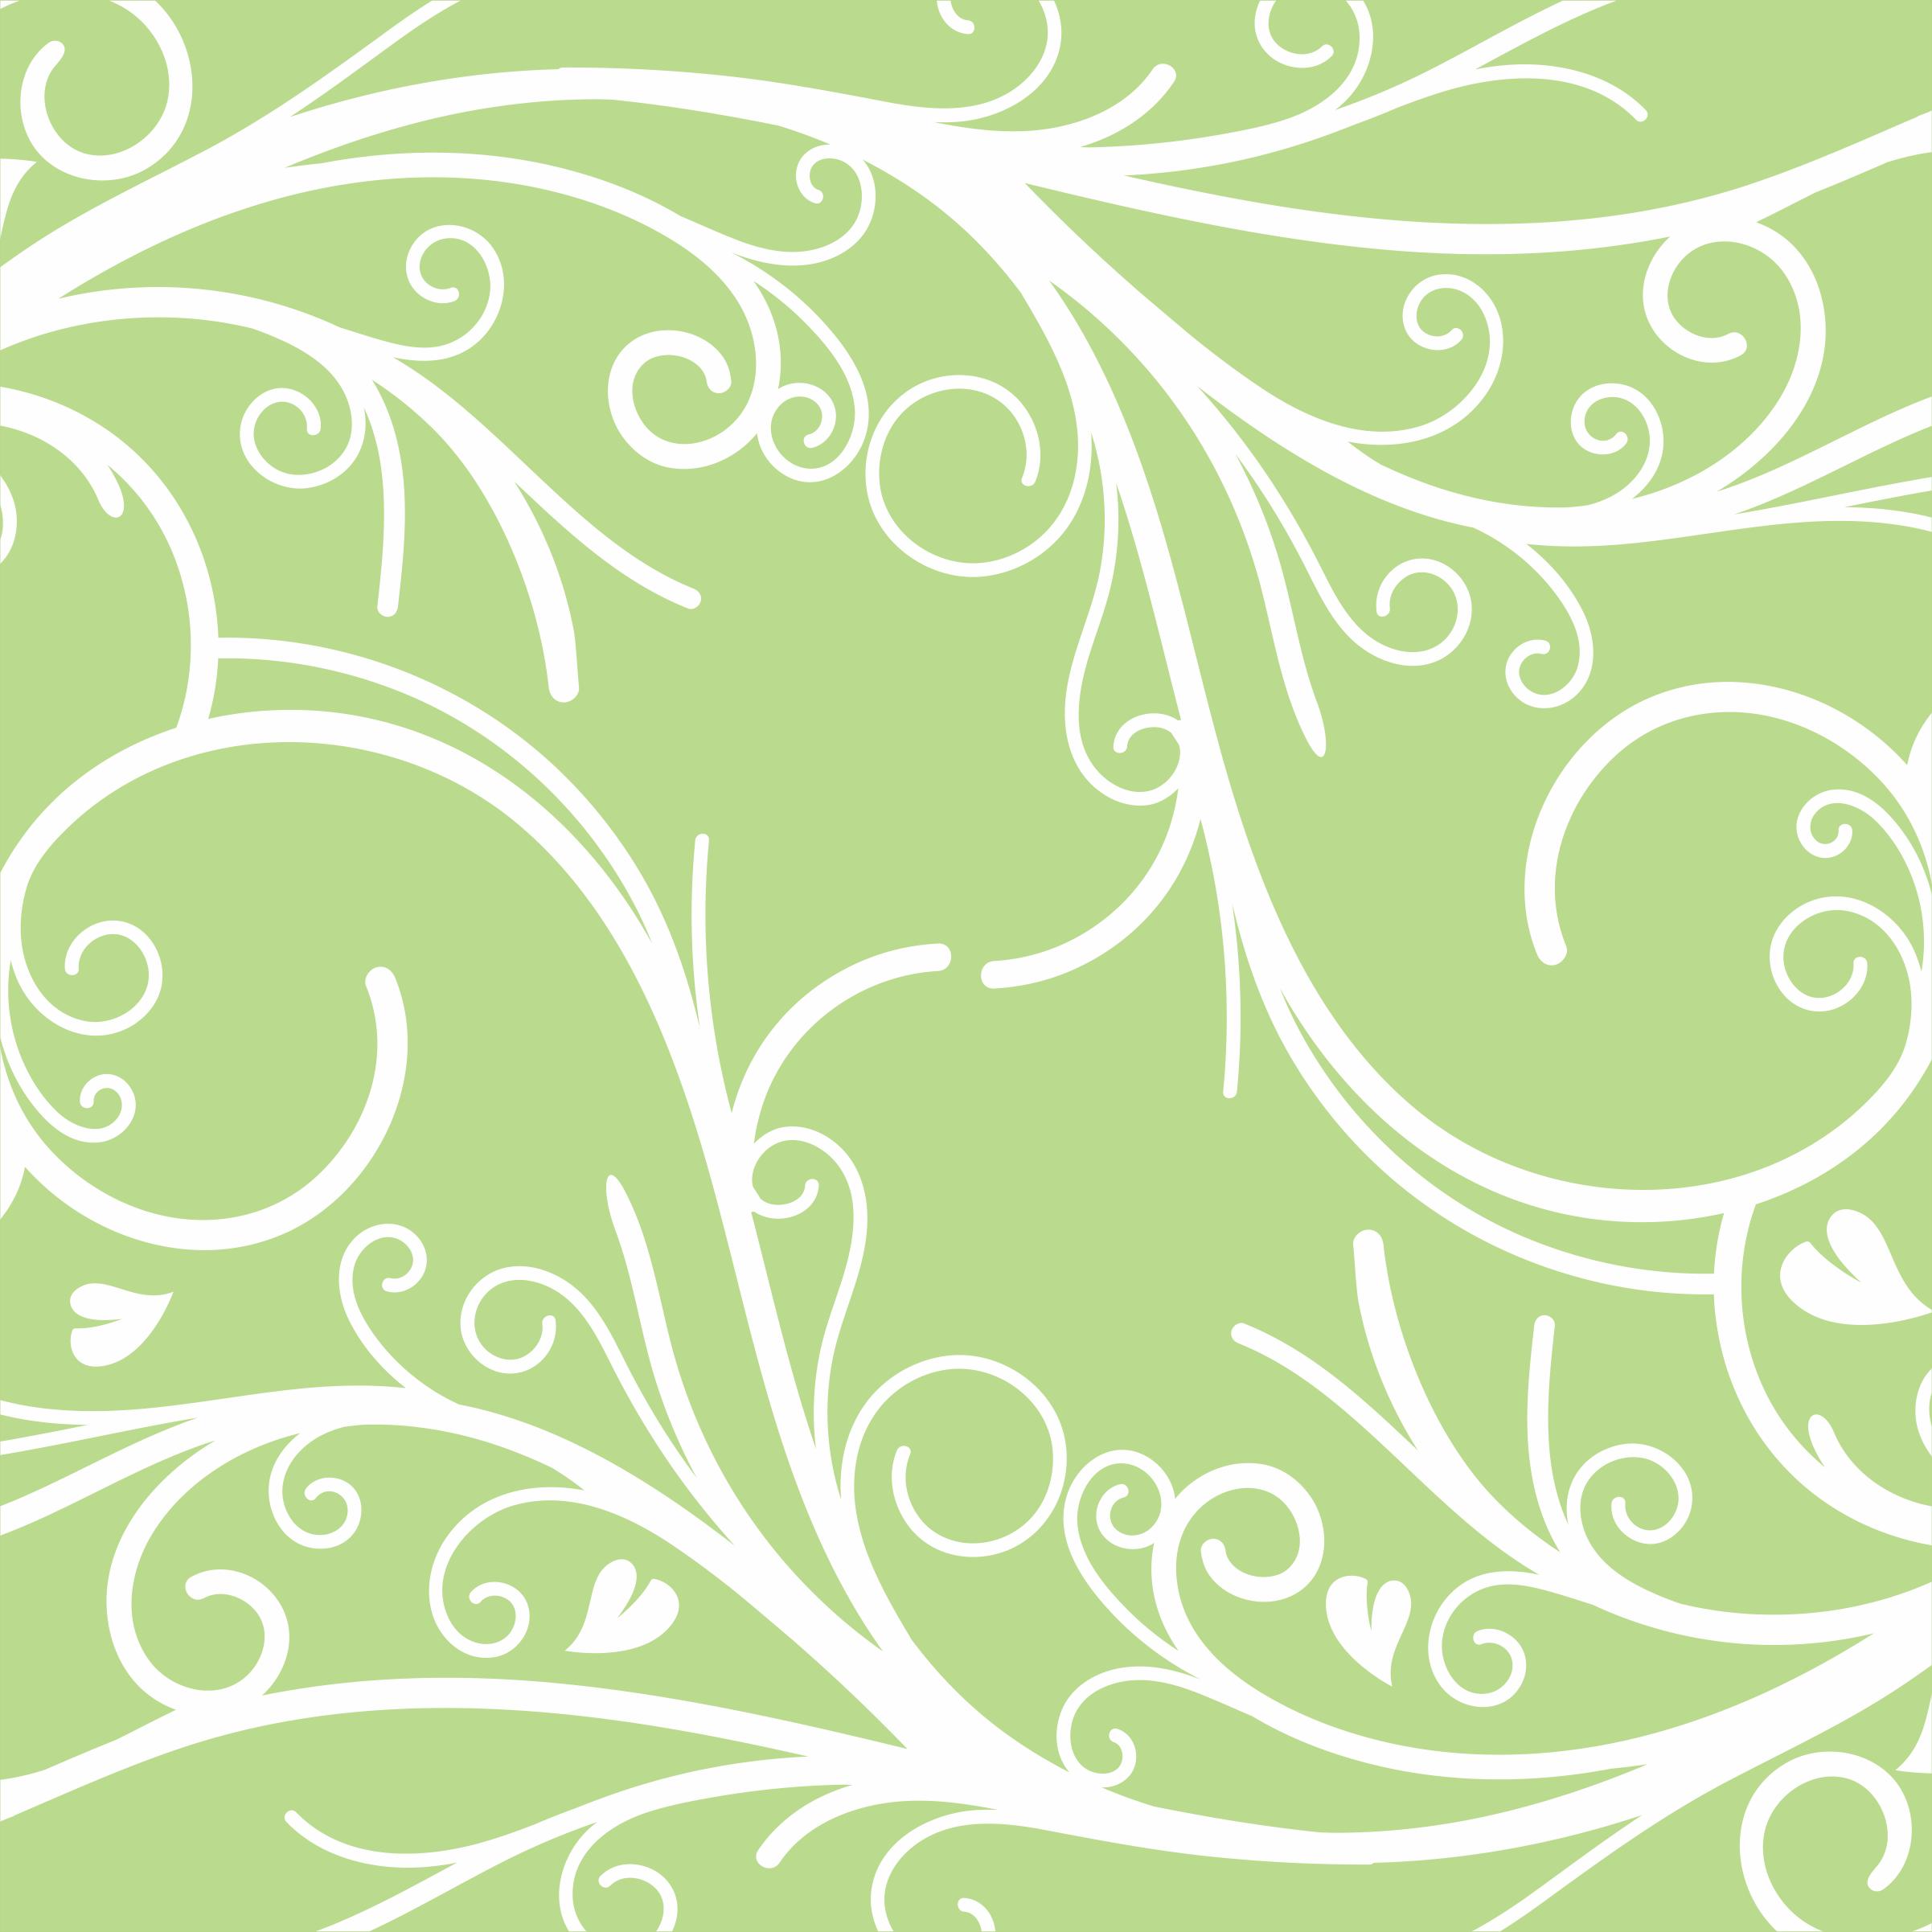 Moranguinho Papel Digital Verde Arabescos Vetor E Png